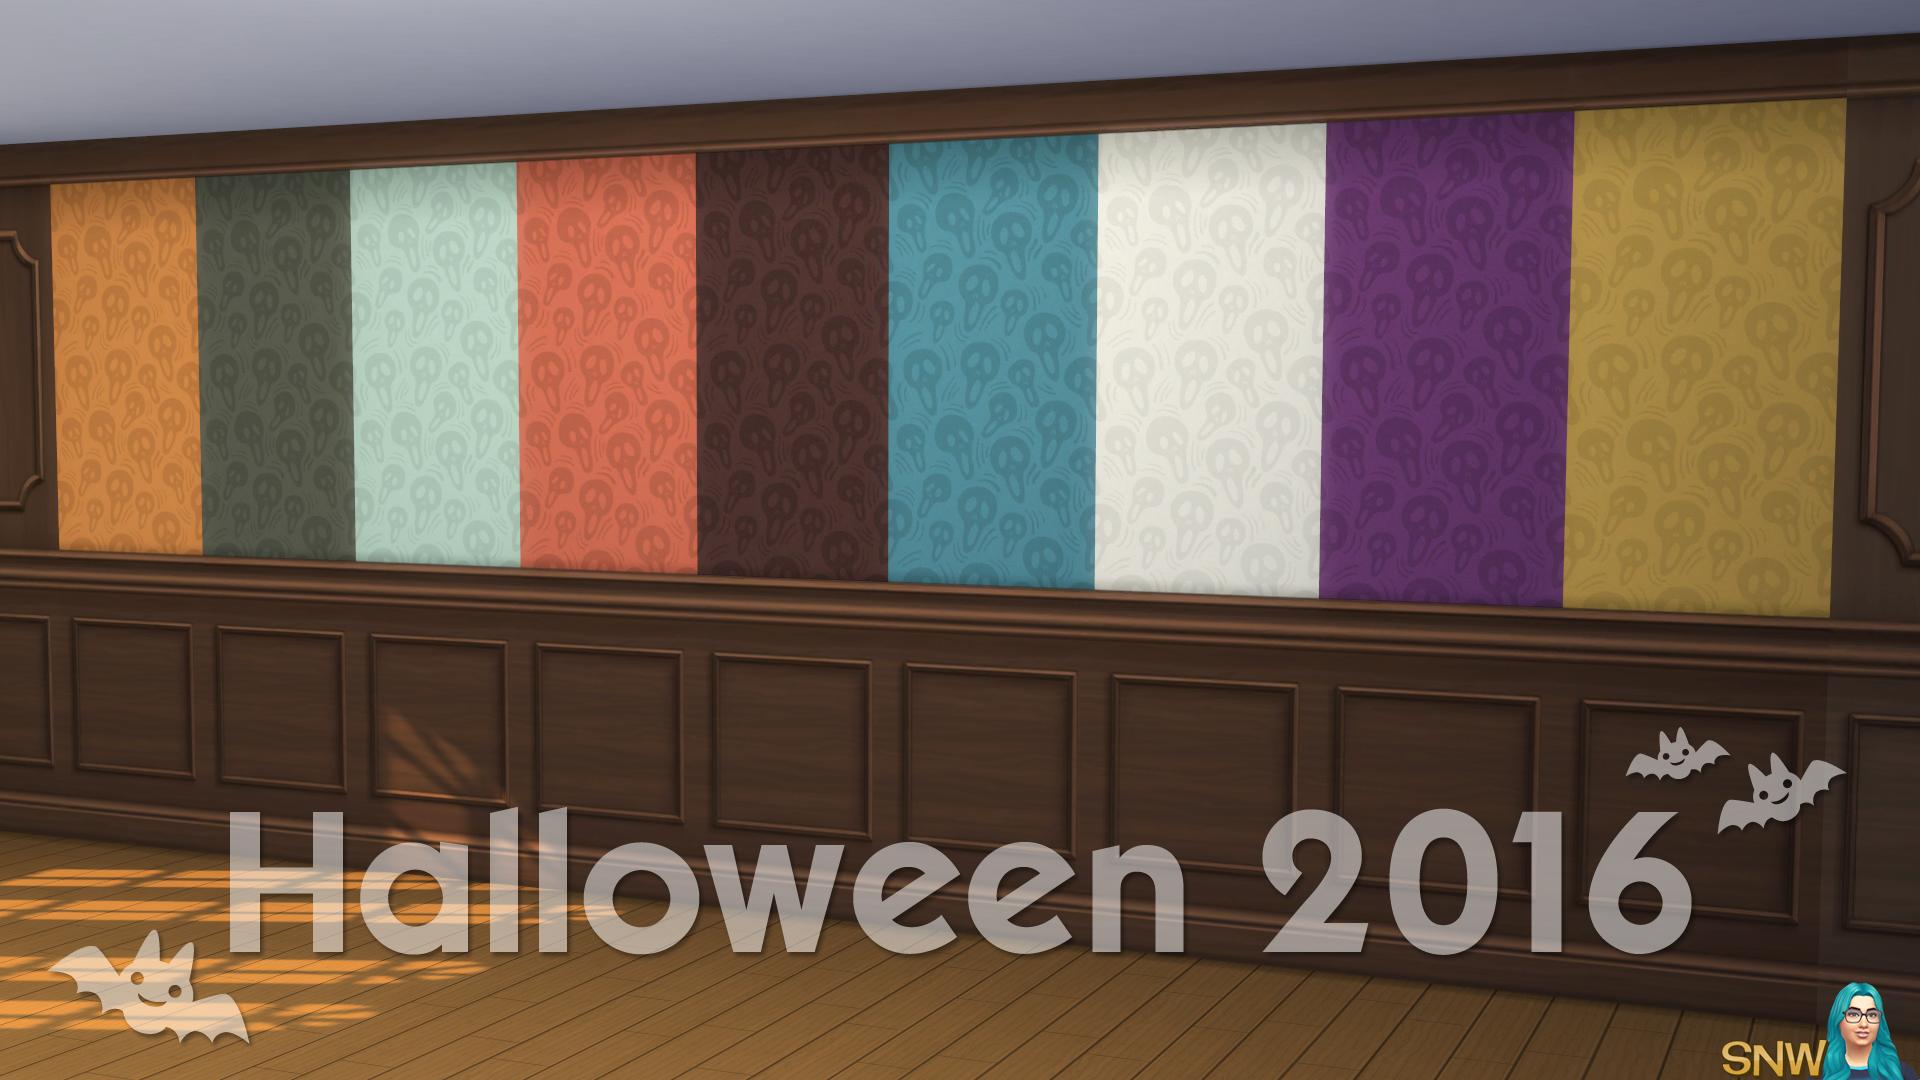 Halloween 2016 Walls #10